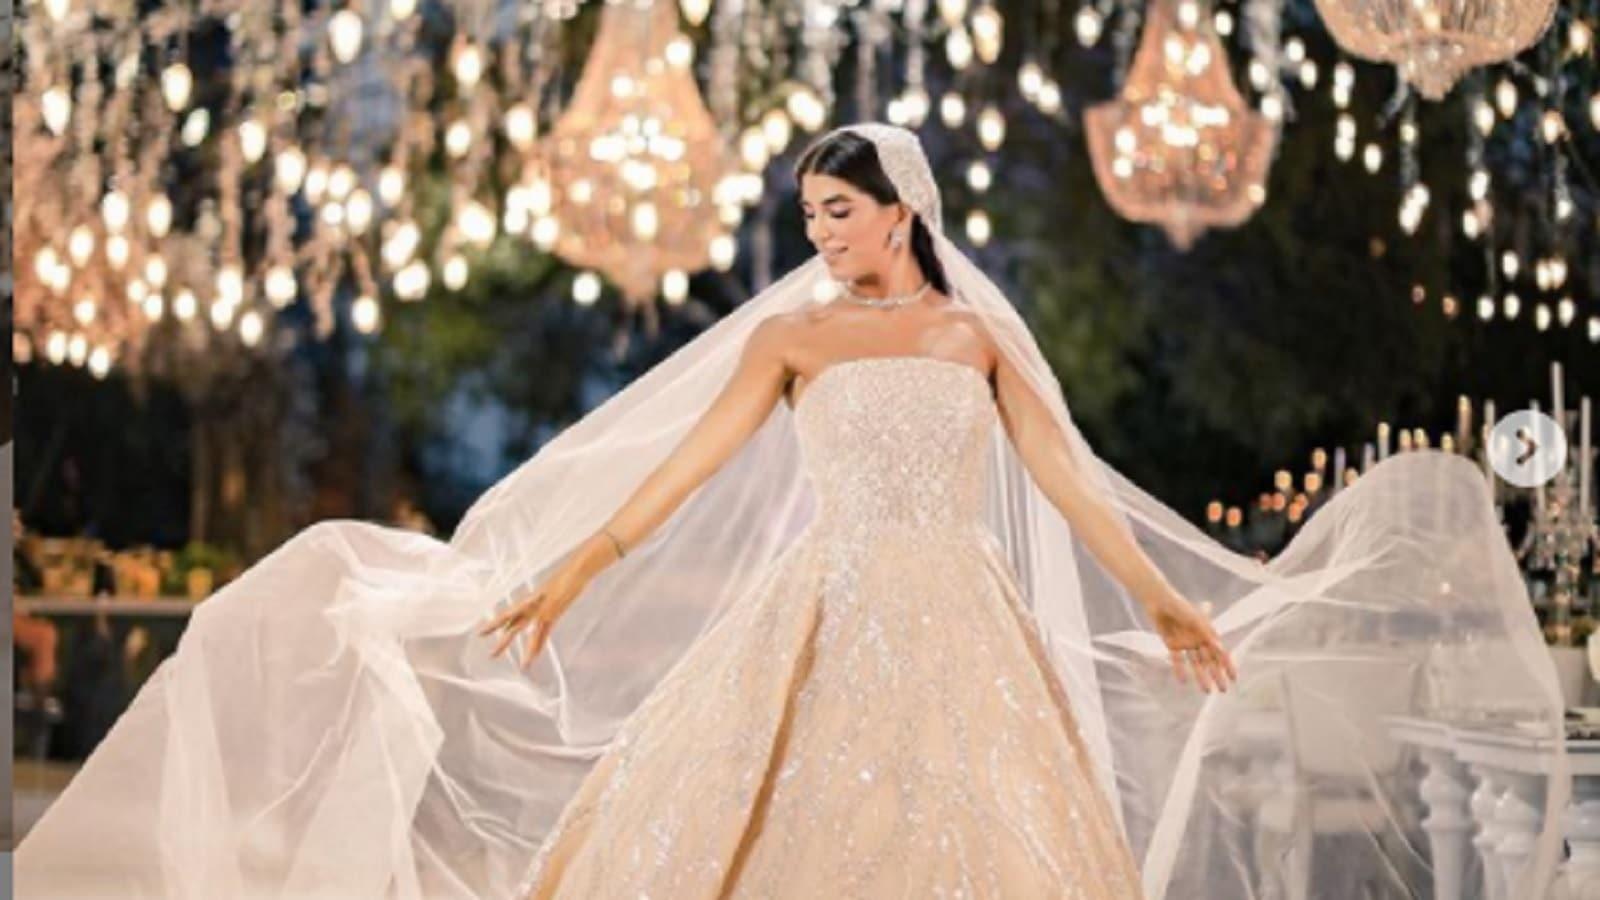 حفل زفاف ابنة النائب اللبناني نوار الساحلي